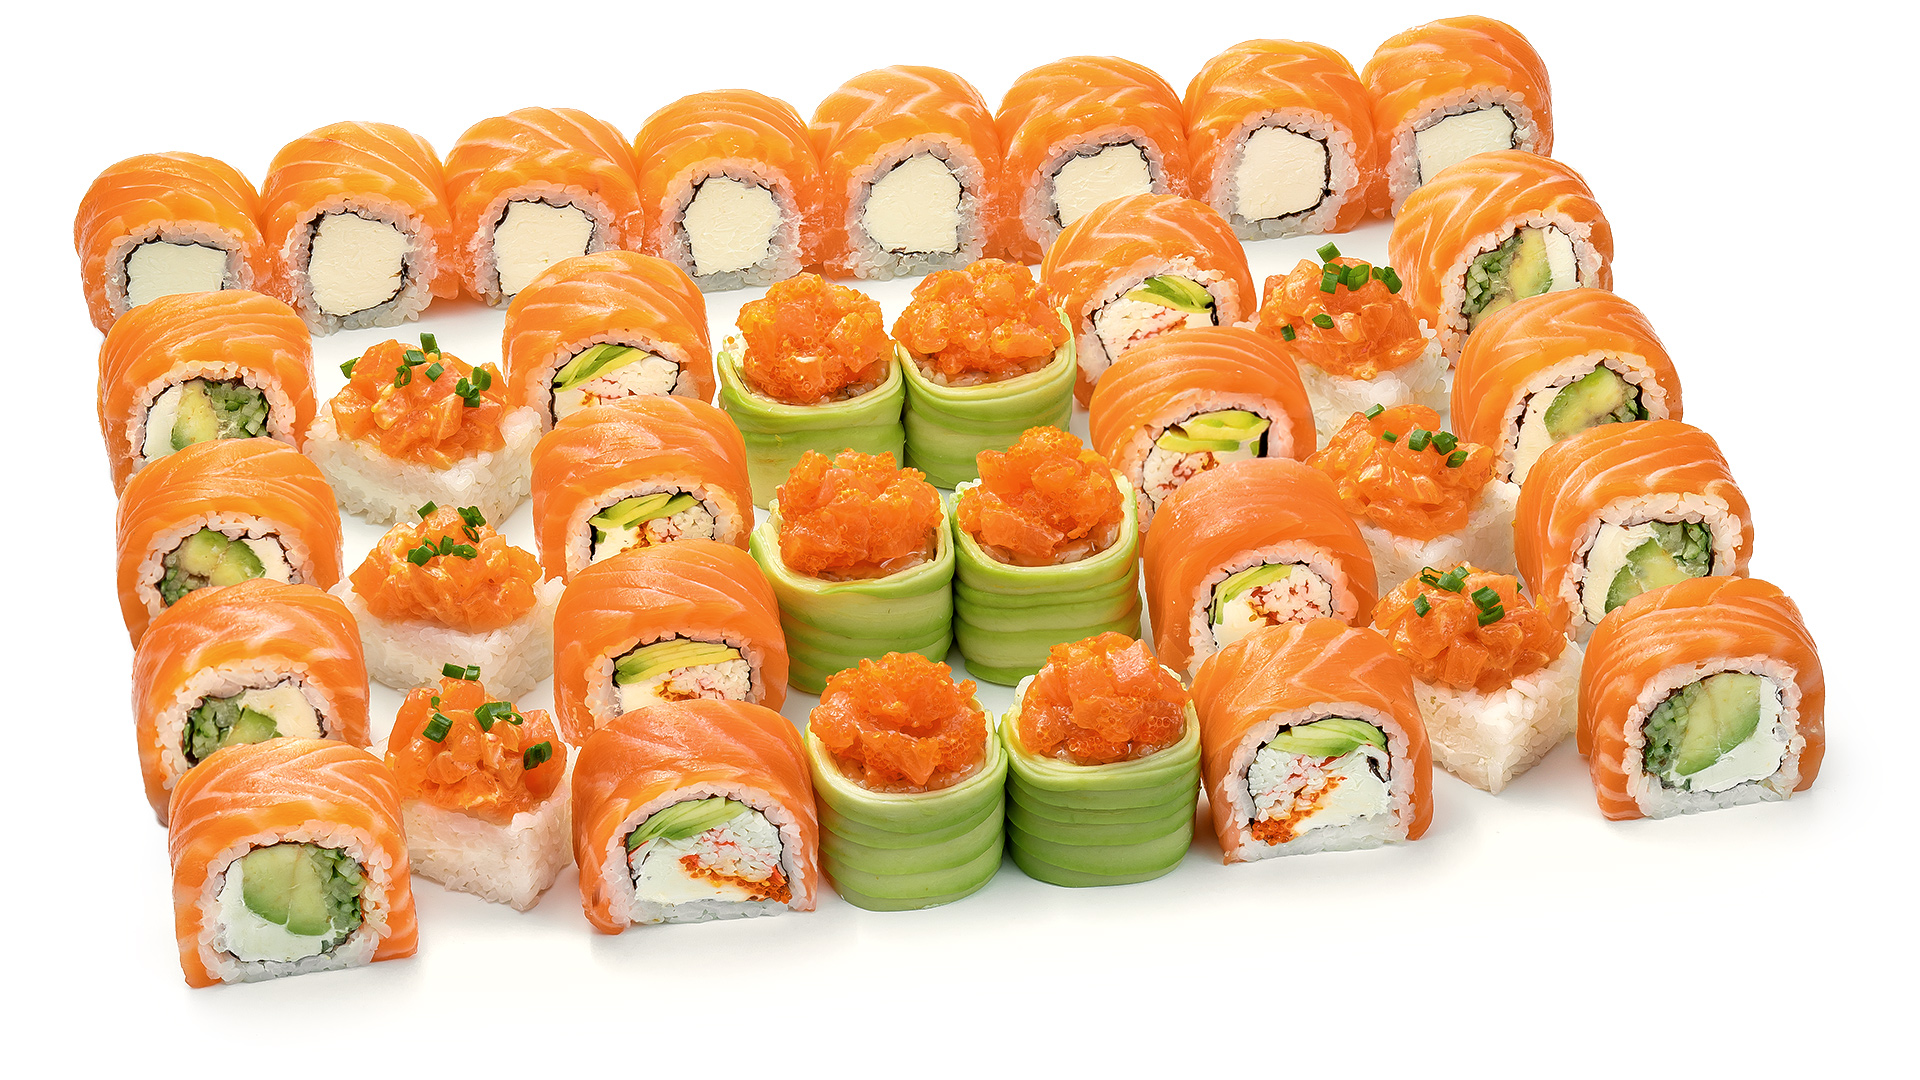 Доставка суши Одесса - «Суши и Лапша» заказать суши в Одессе на дом или в  офис